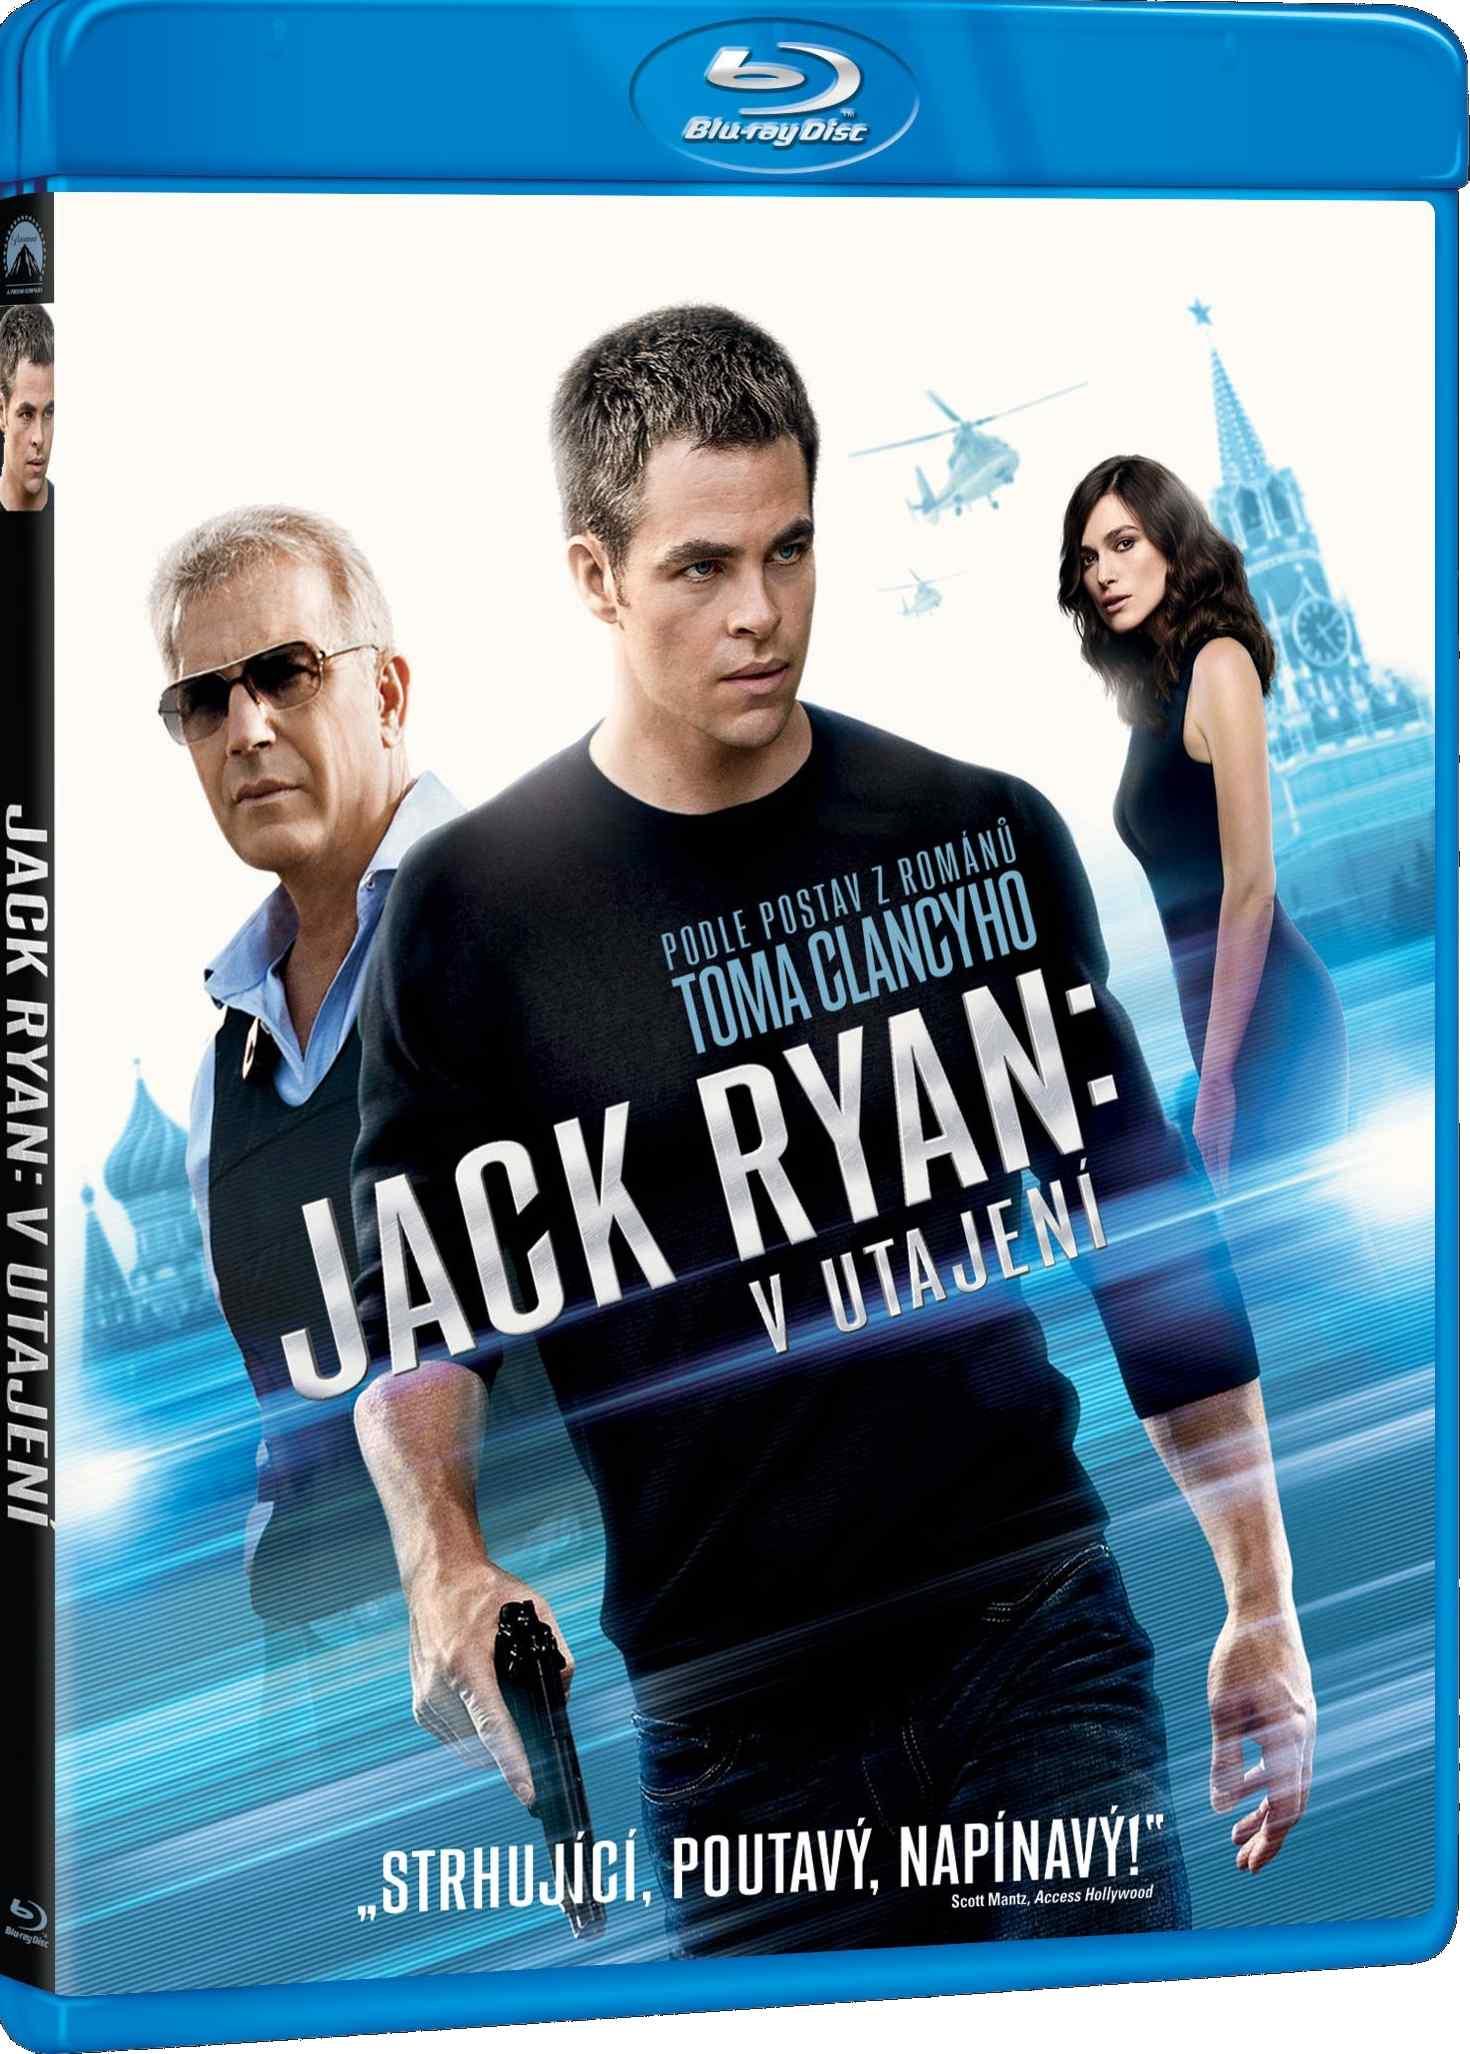 JACK RYAN: V UTAJENÍ - Blu-ray